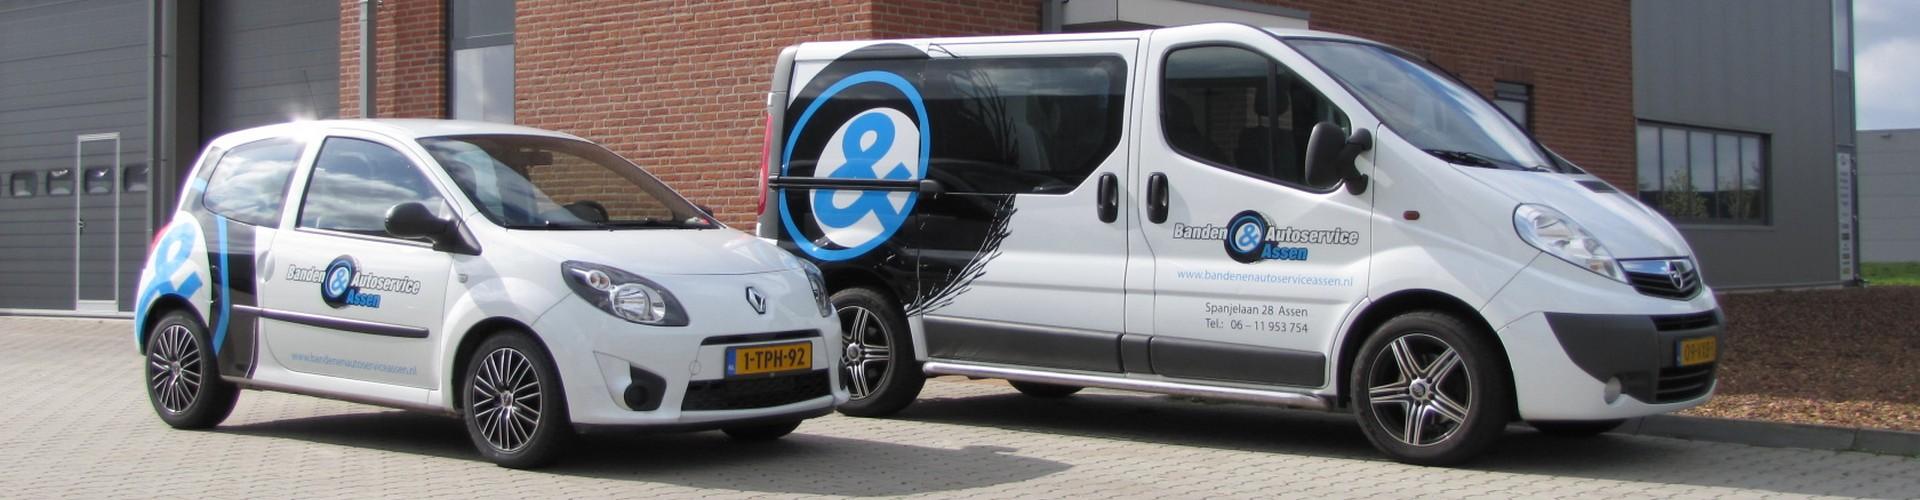 Banden en Autoservice Assen, HET banden service bedrijf in Assen en Regio.